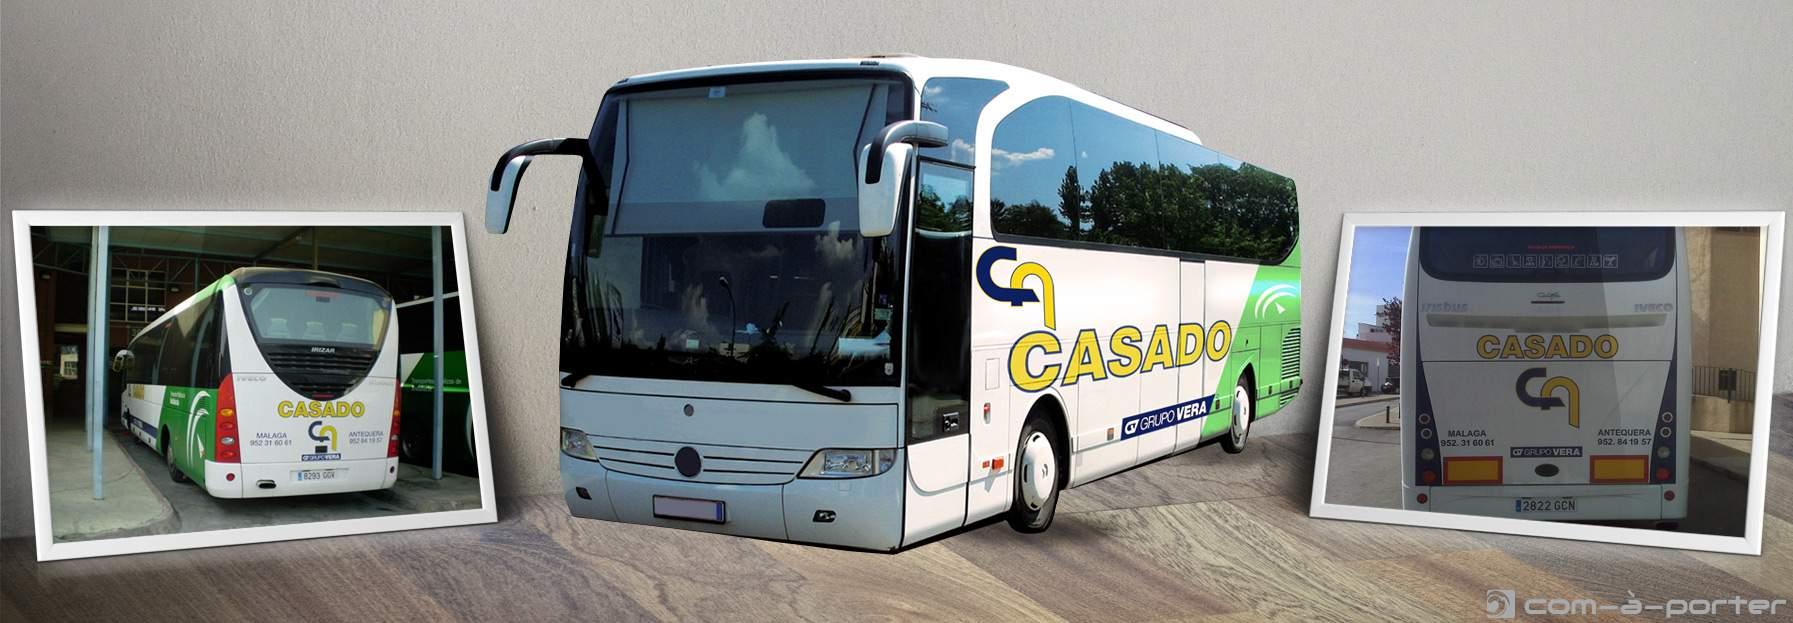 Rotulación Autobuses Casado (Grupo Vera)